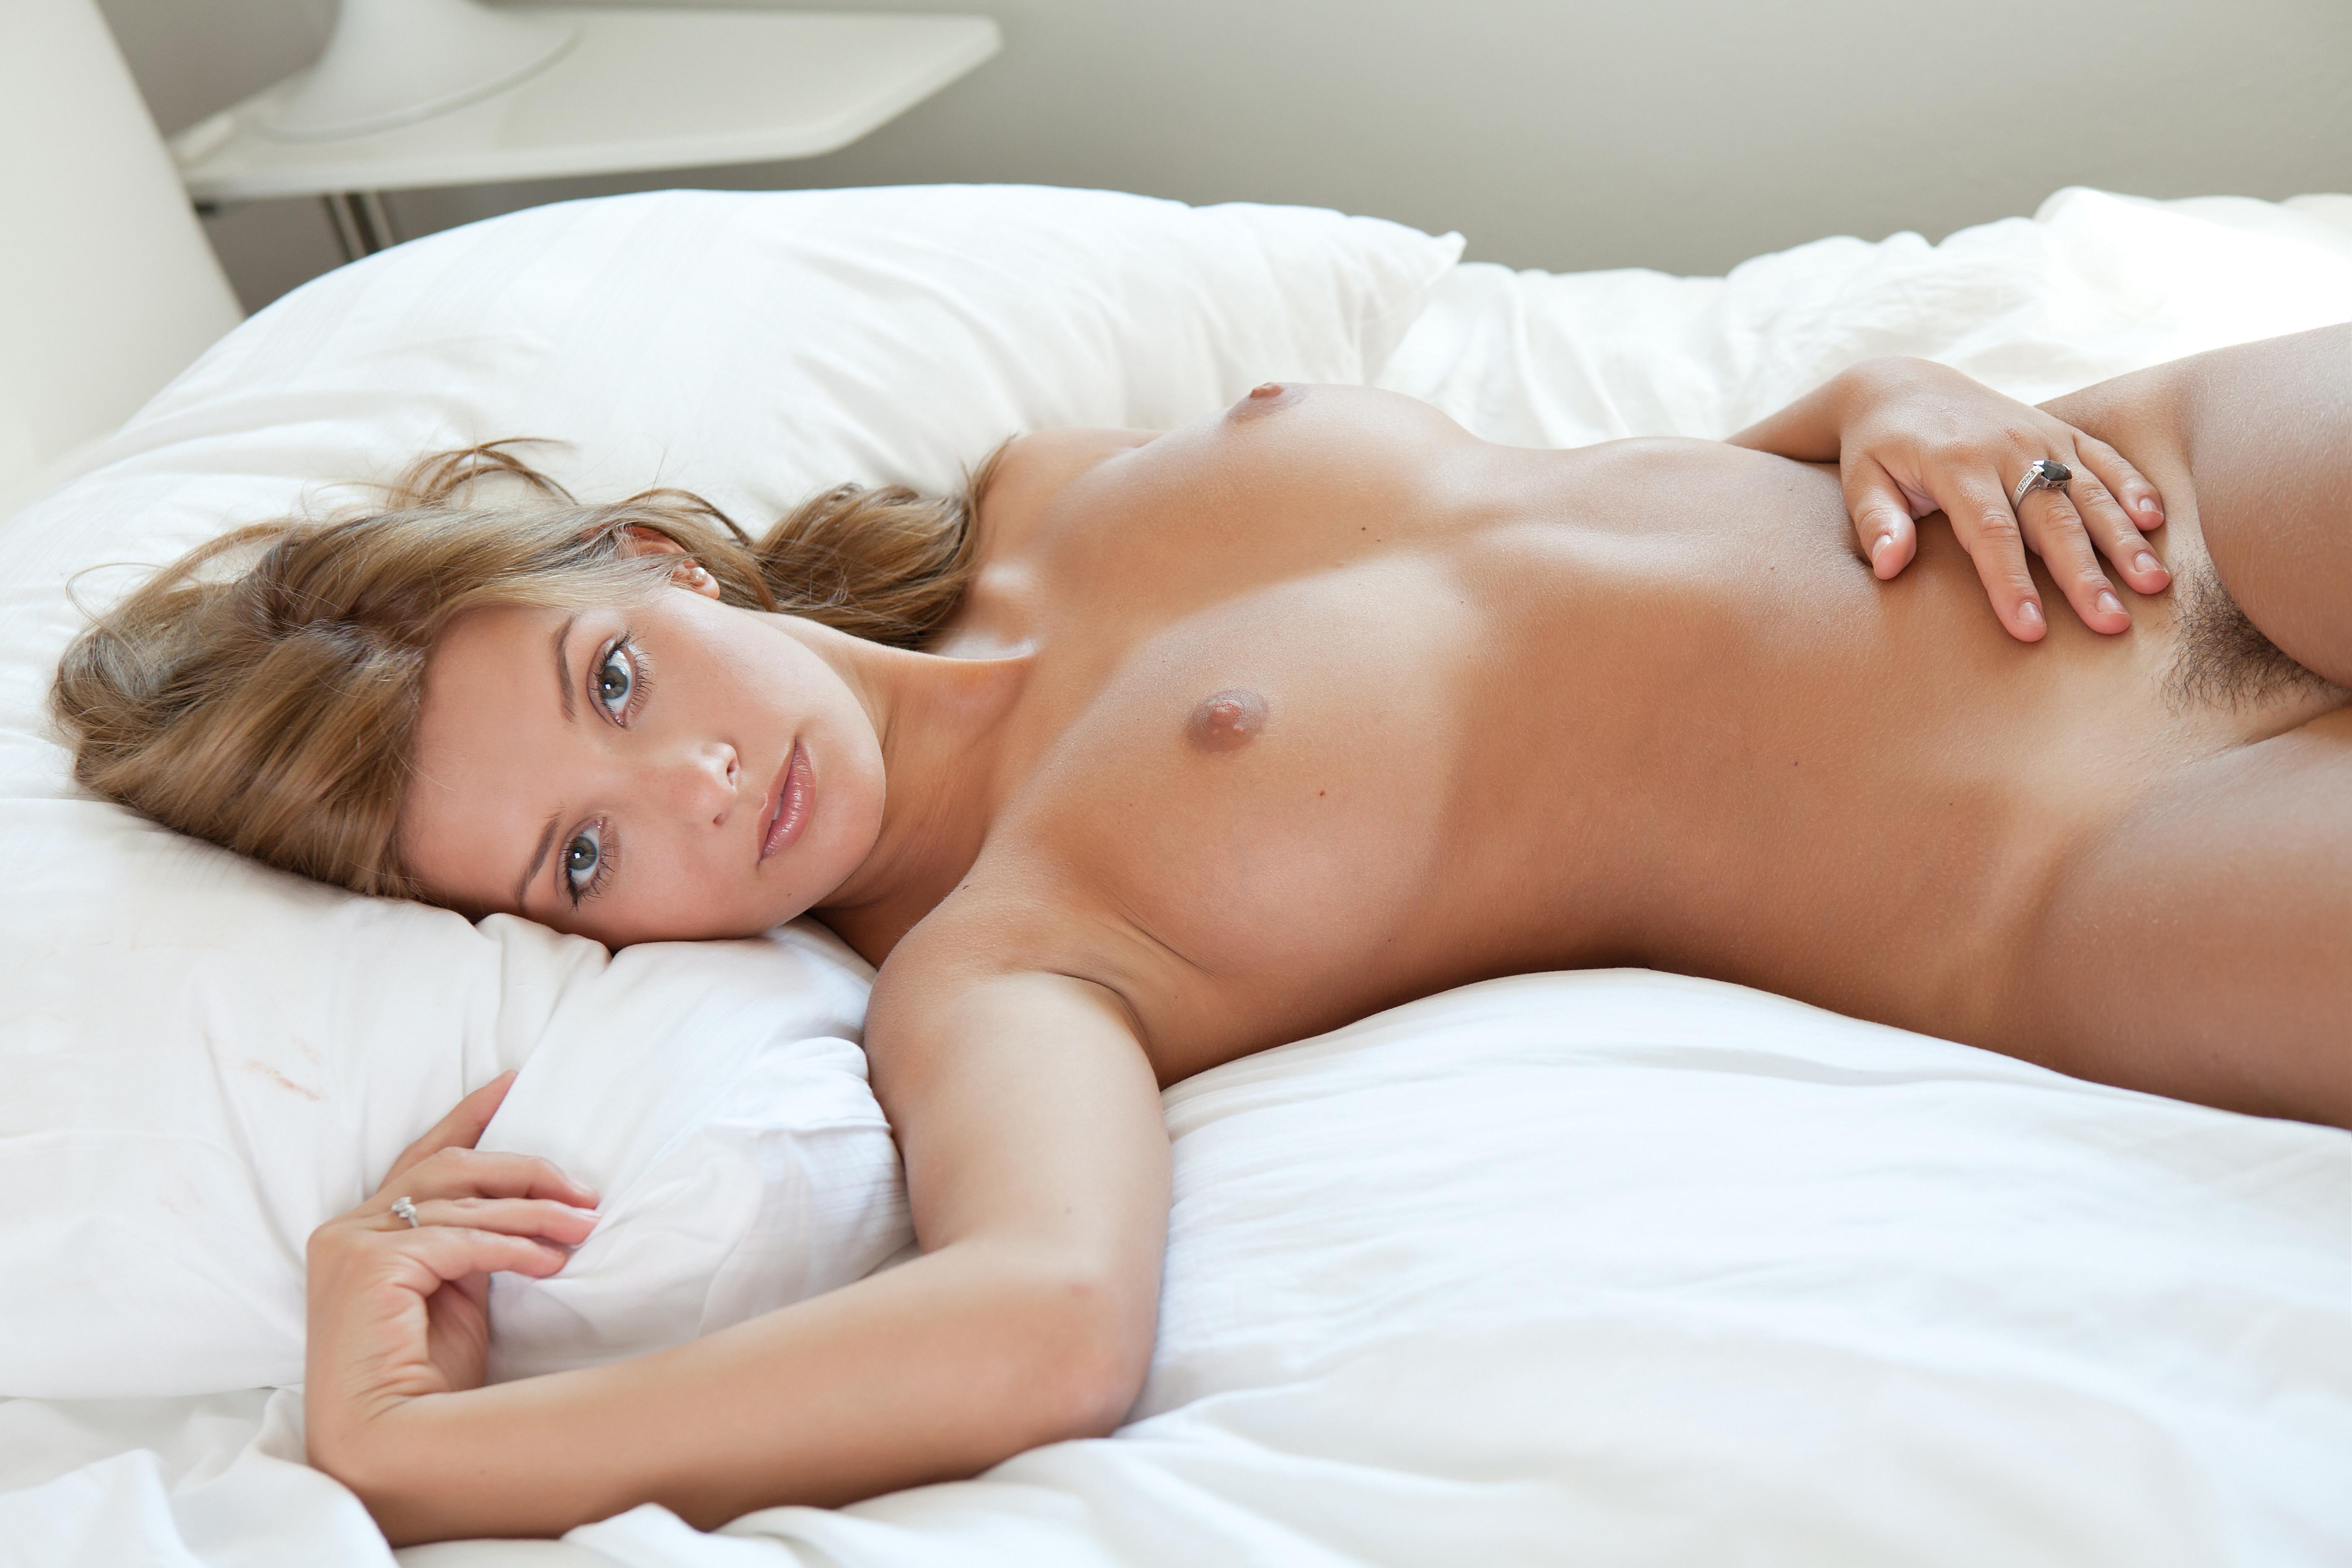 красивые голые девушки фото в постели знаю